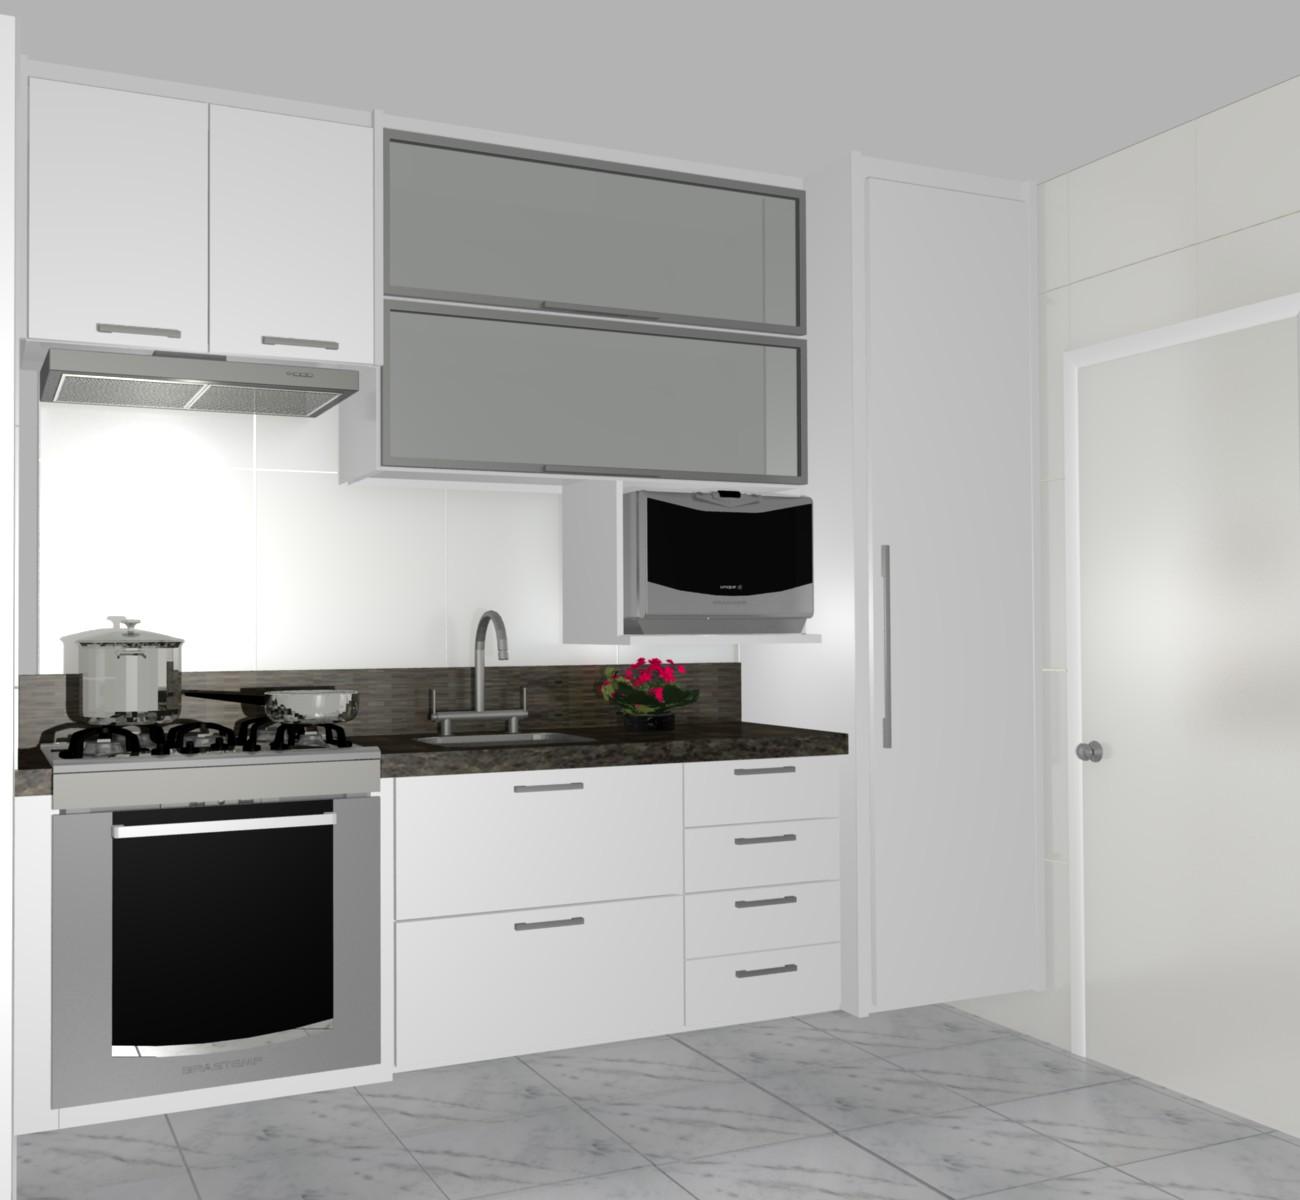 Cozinha Planejada Luxo Projetos De Cozinhas Para Voc Se Apaixonar